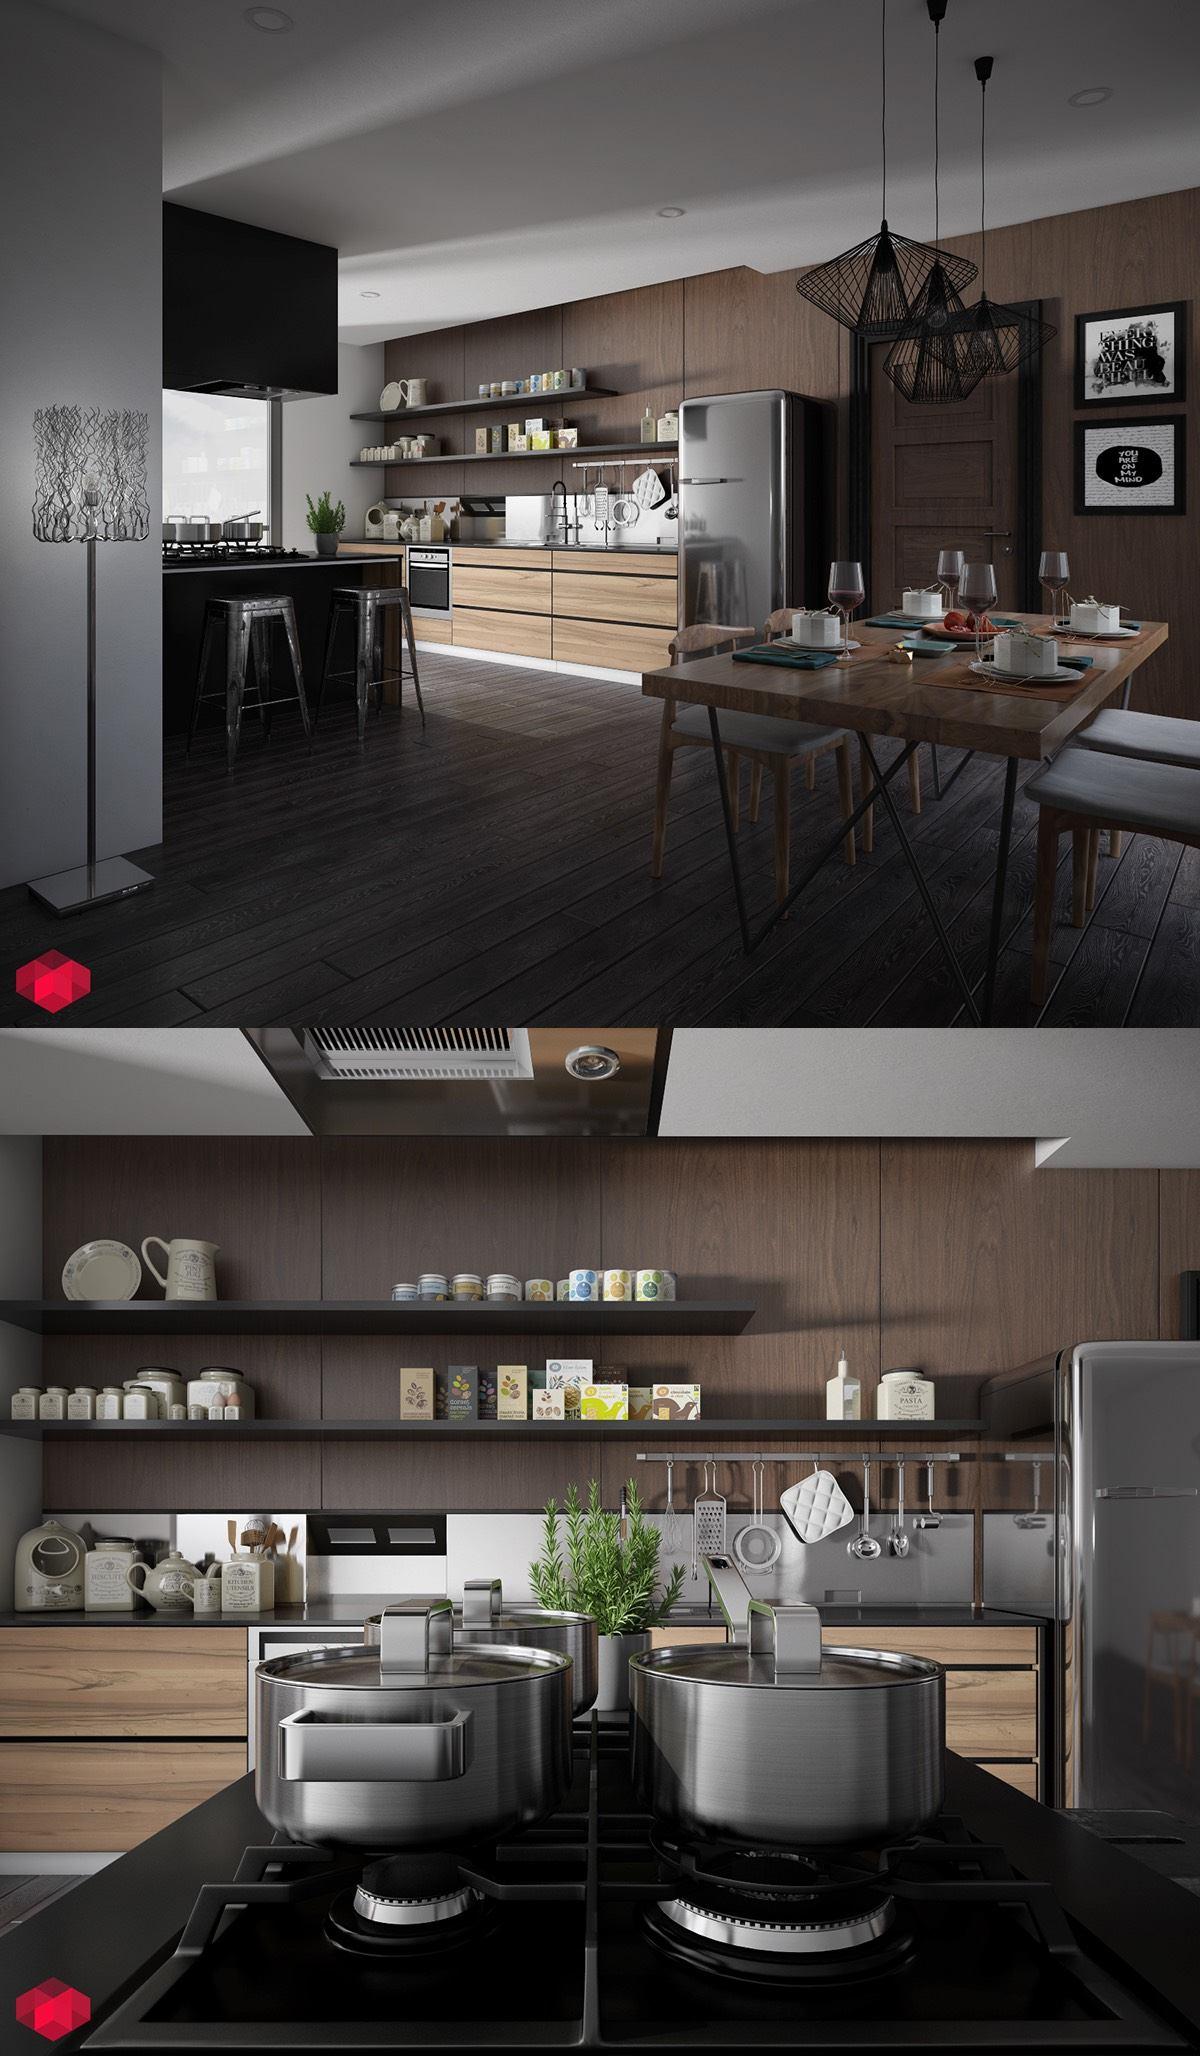 25 White And Wood Kitchen Ideas on Farmhouse:4Leikoxevec= Rustic Kitchen Ideas  id=12490